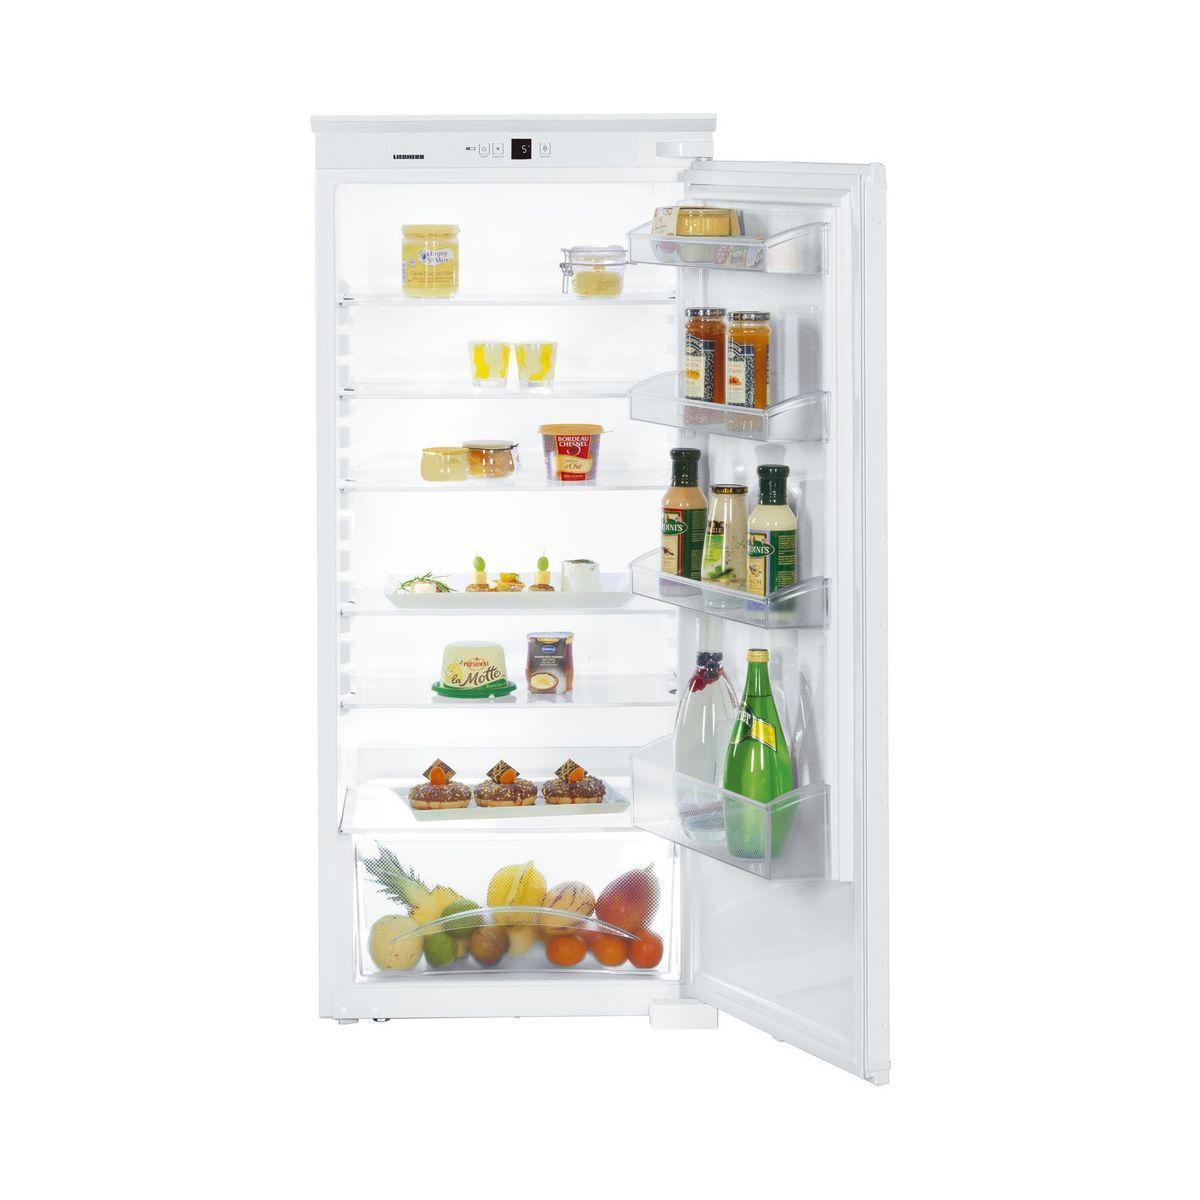 Réfrigérateur 1 porte encastrable LIEBHERR IKS1220